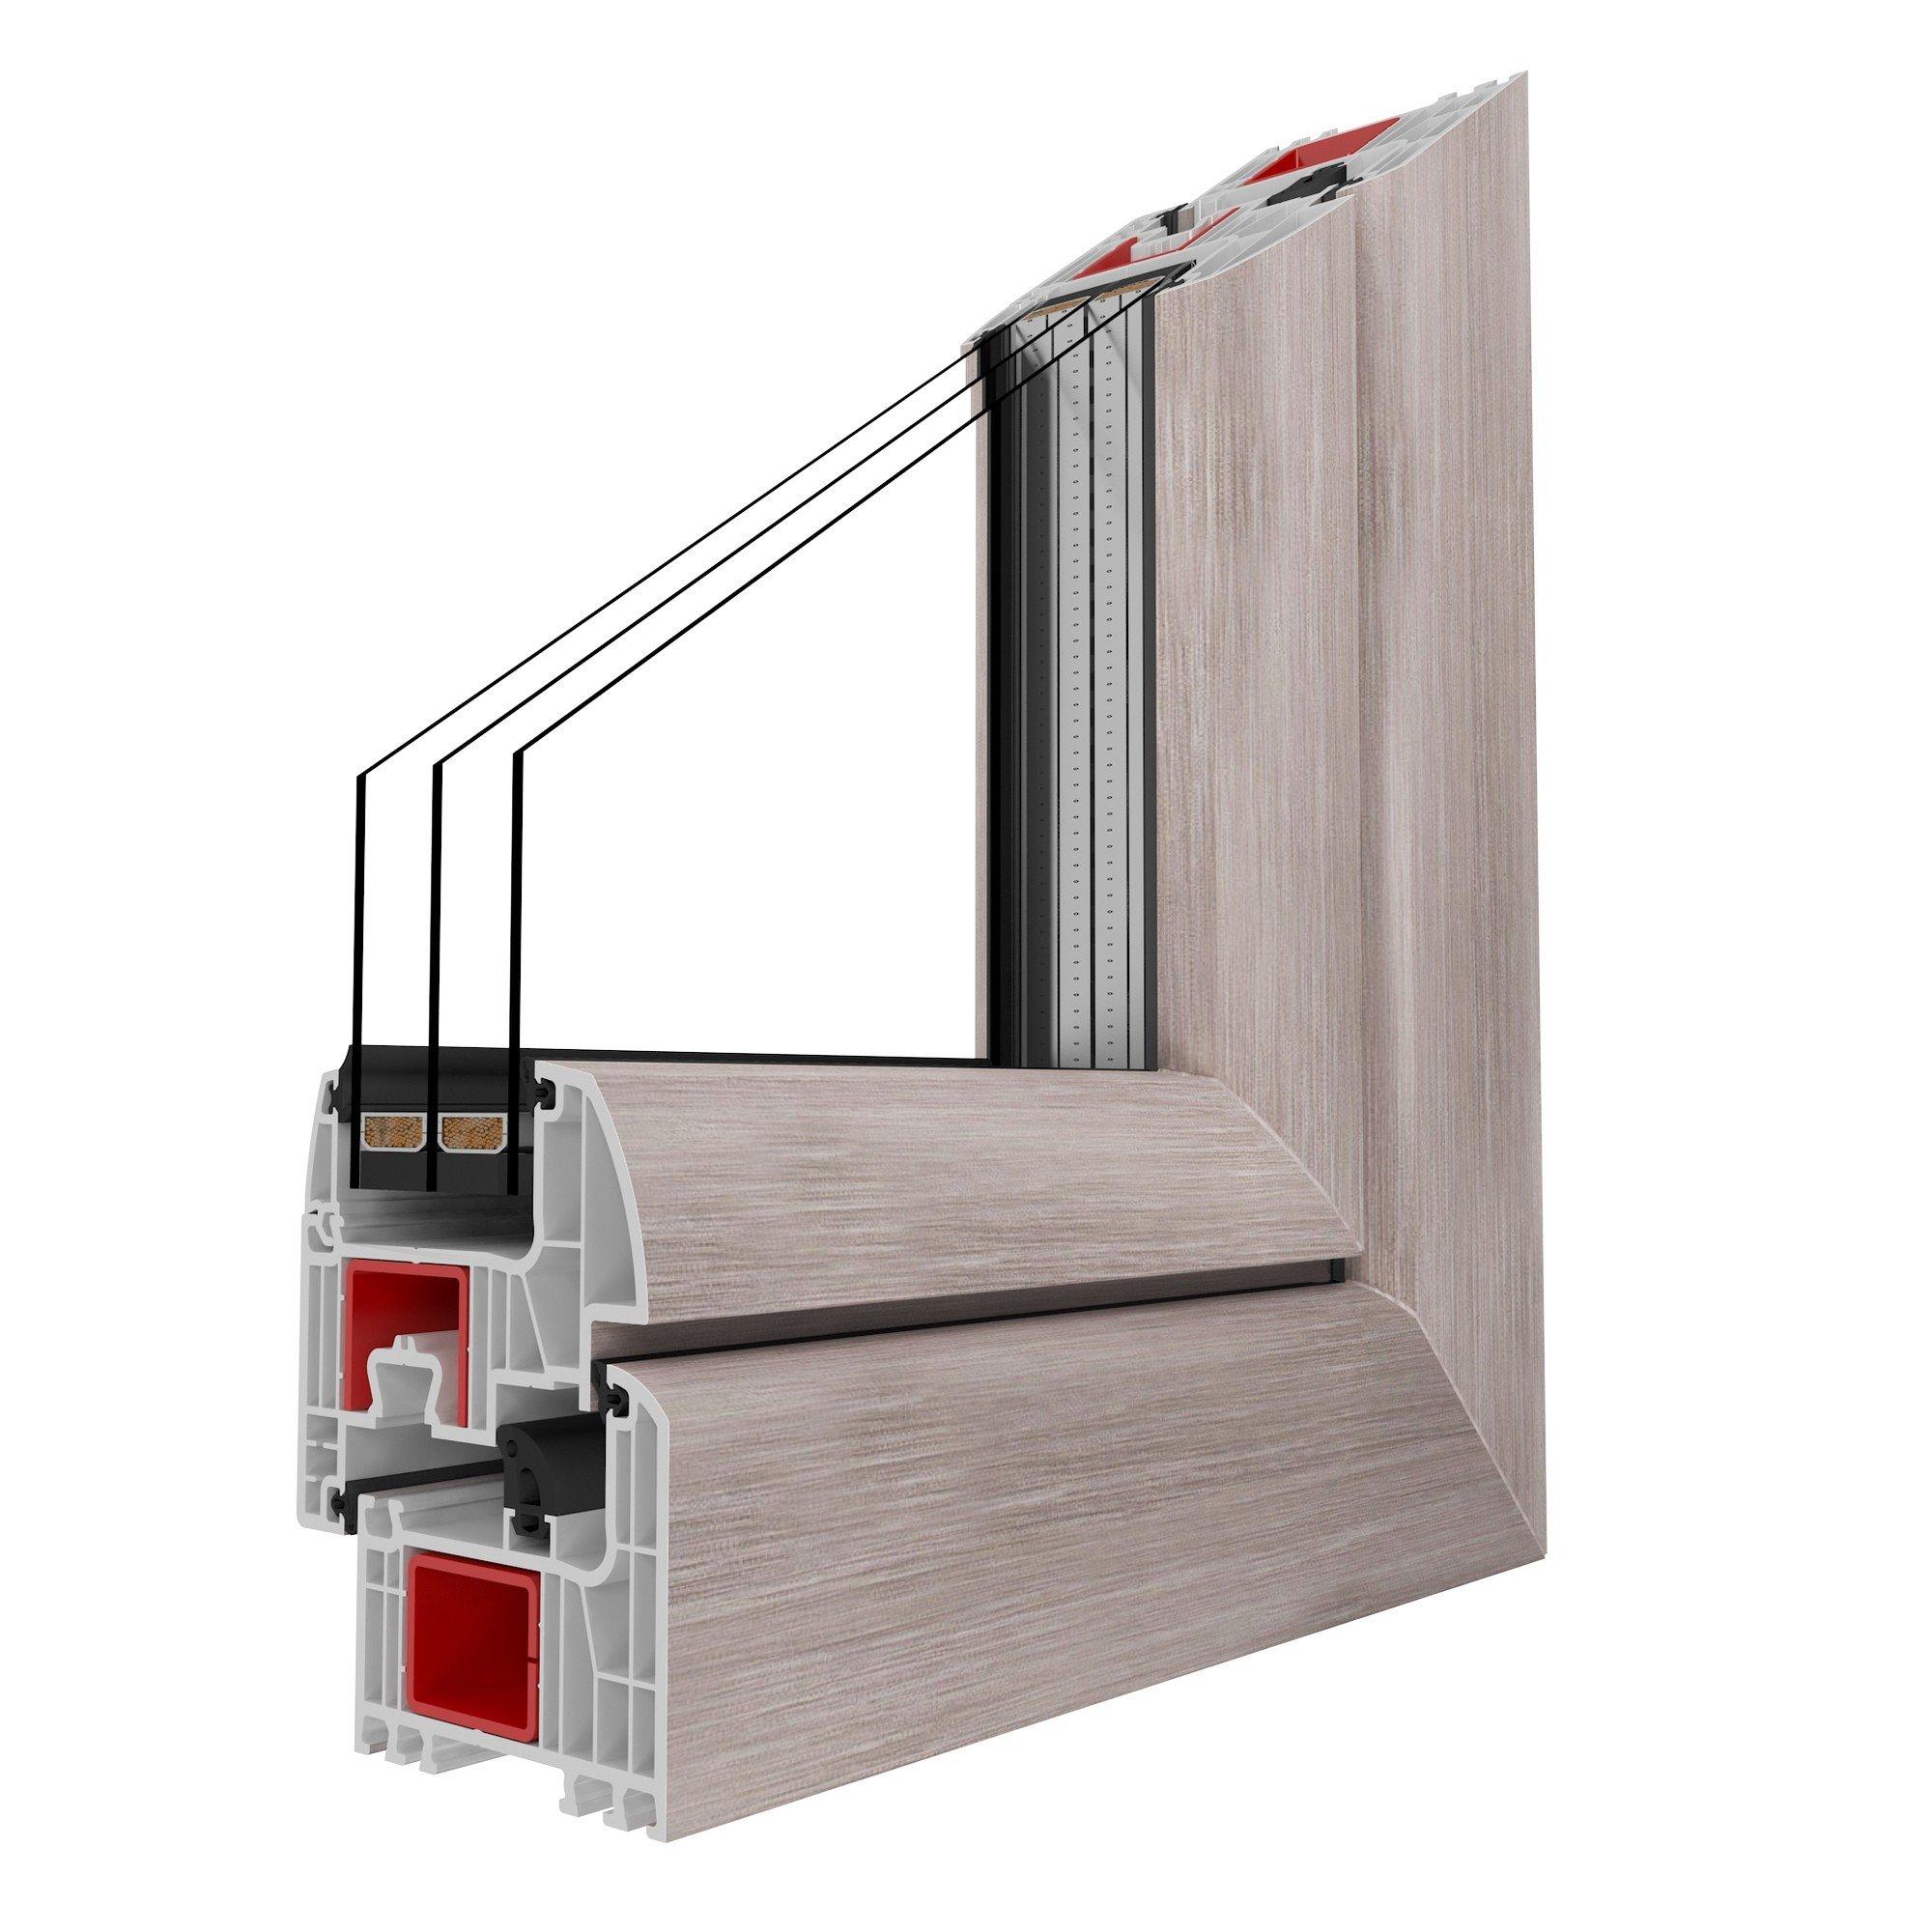 Drutex Fenster Preise : drutex s a pressroom drutex fenster jetzt in einer neuen modernen farbe ~ Sanjose-hotels-ca.com Haus und Dekorationen